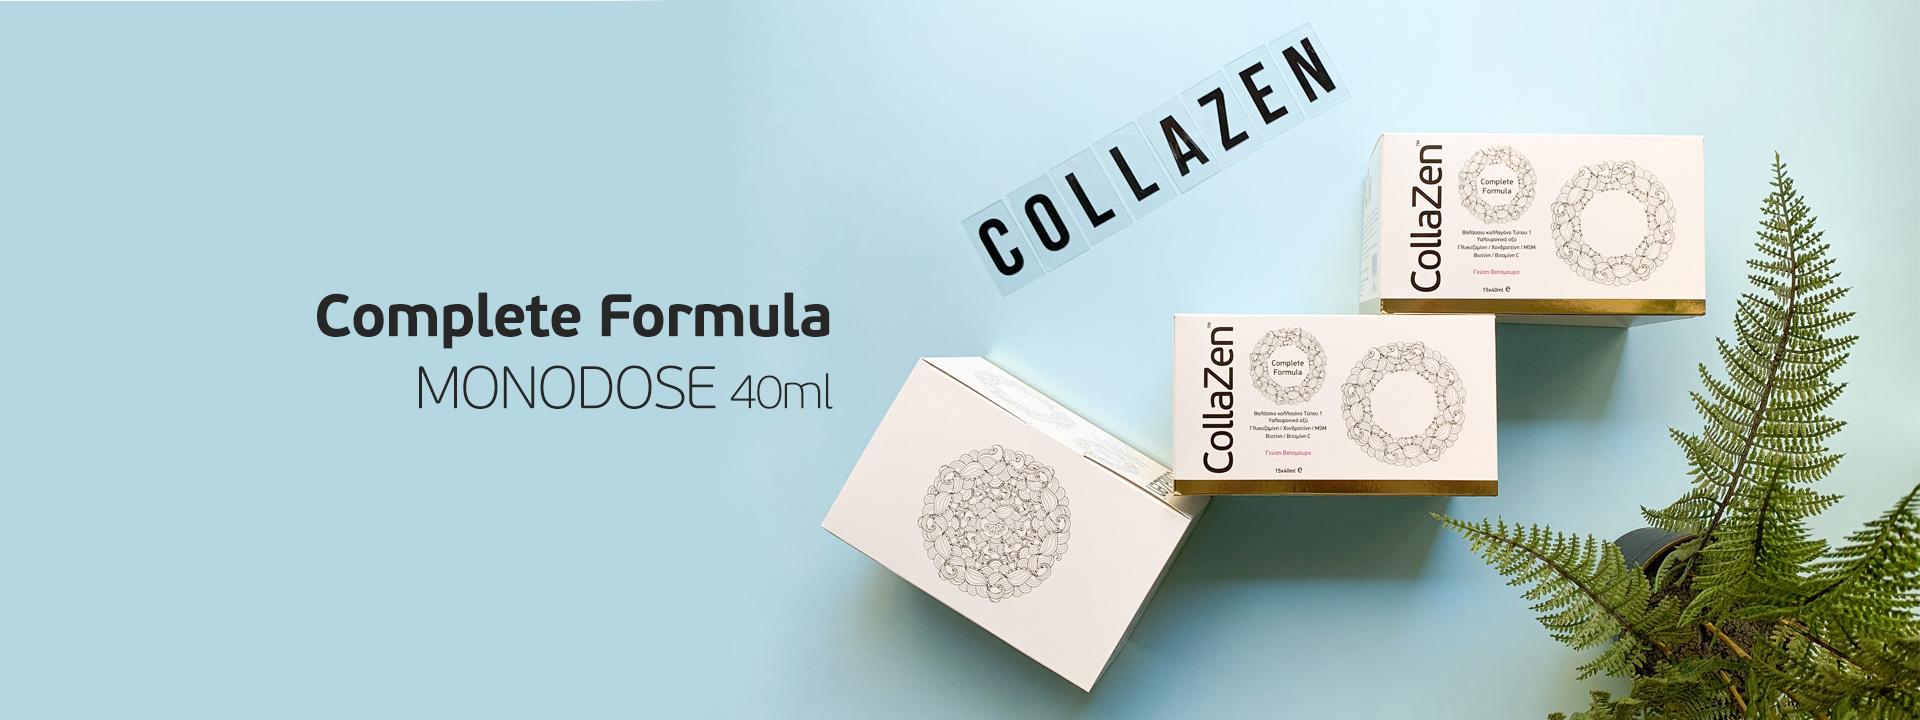 collazen-collagen-monodose-slider